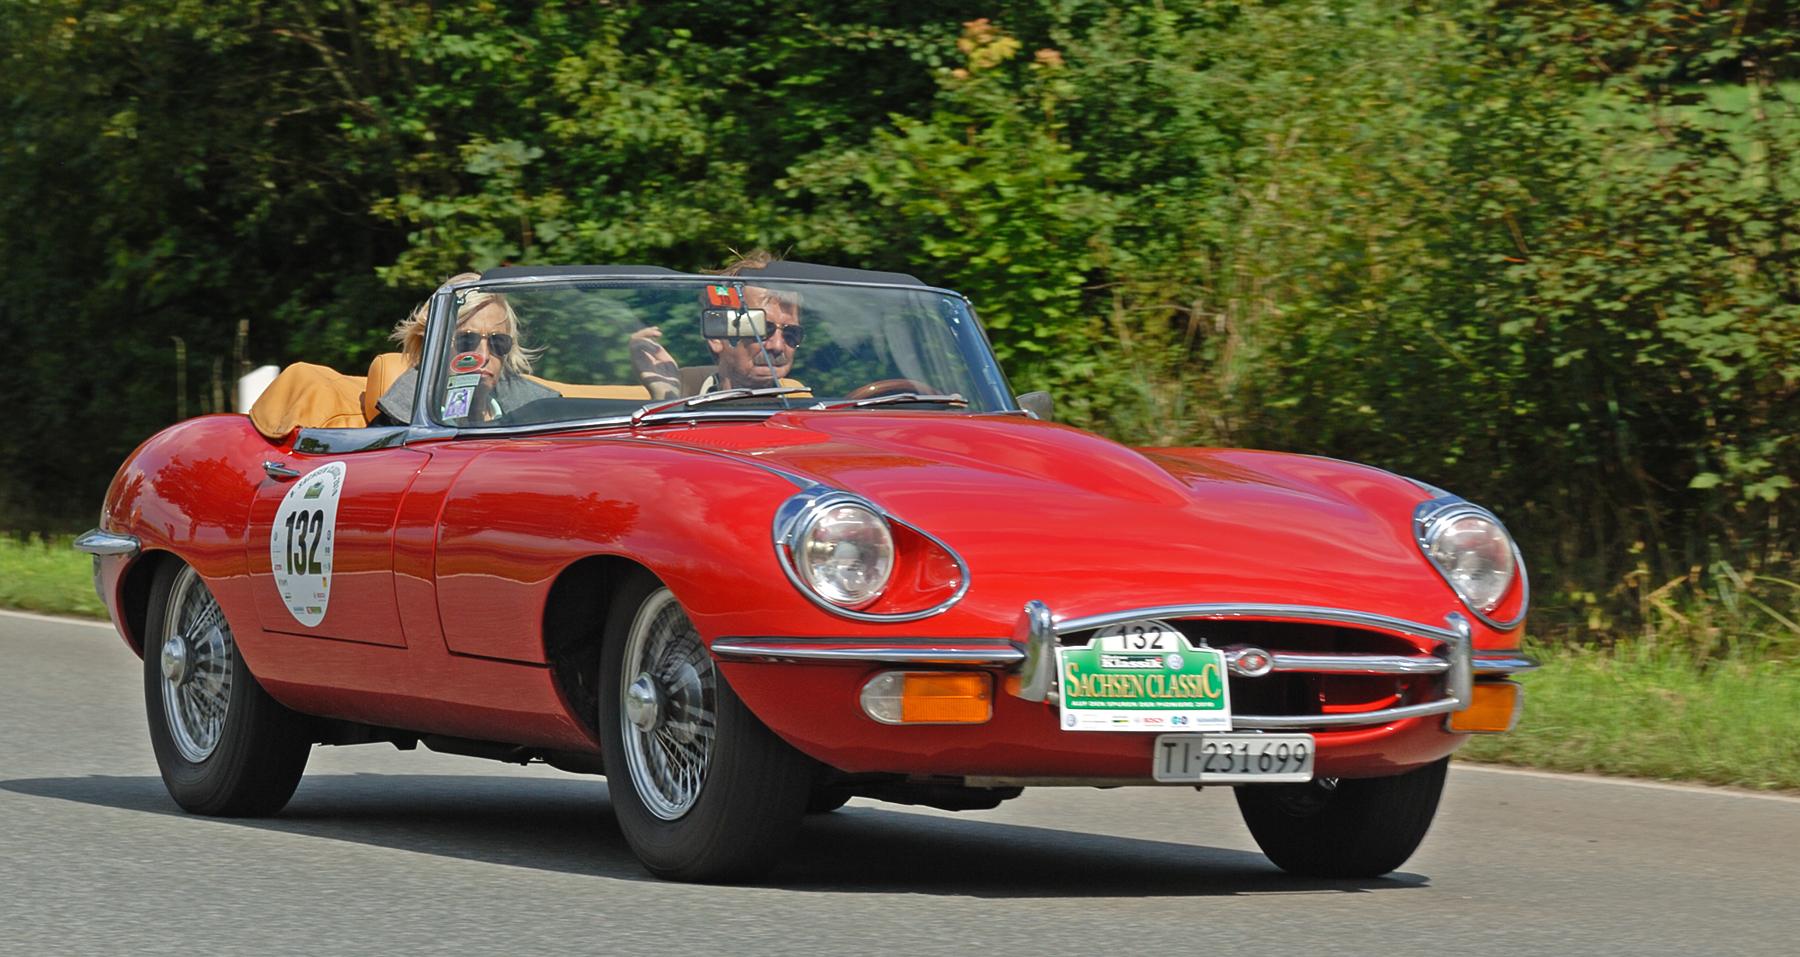 mostre o mais belo jaguar que você já viu! Saxony_Classic_Rallye_2010_-_Jaguar_E-Type_4.2_1969_(aka)